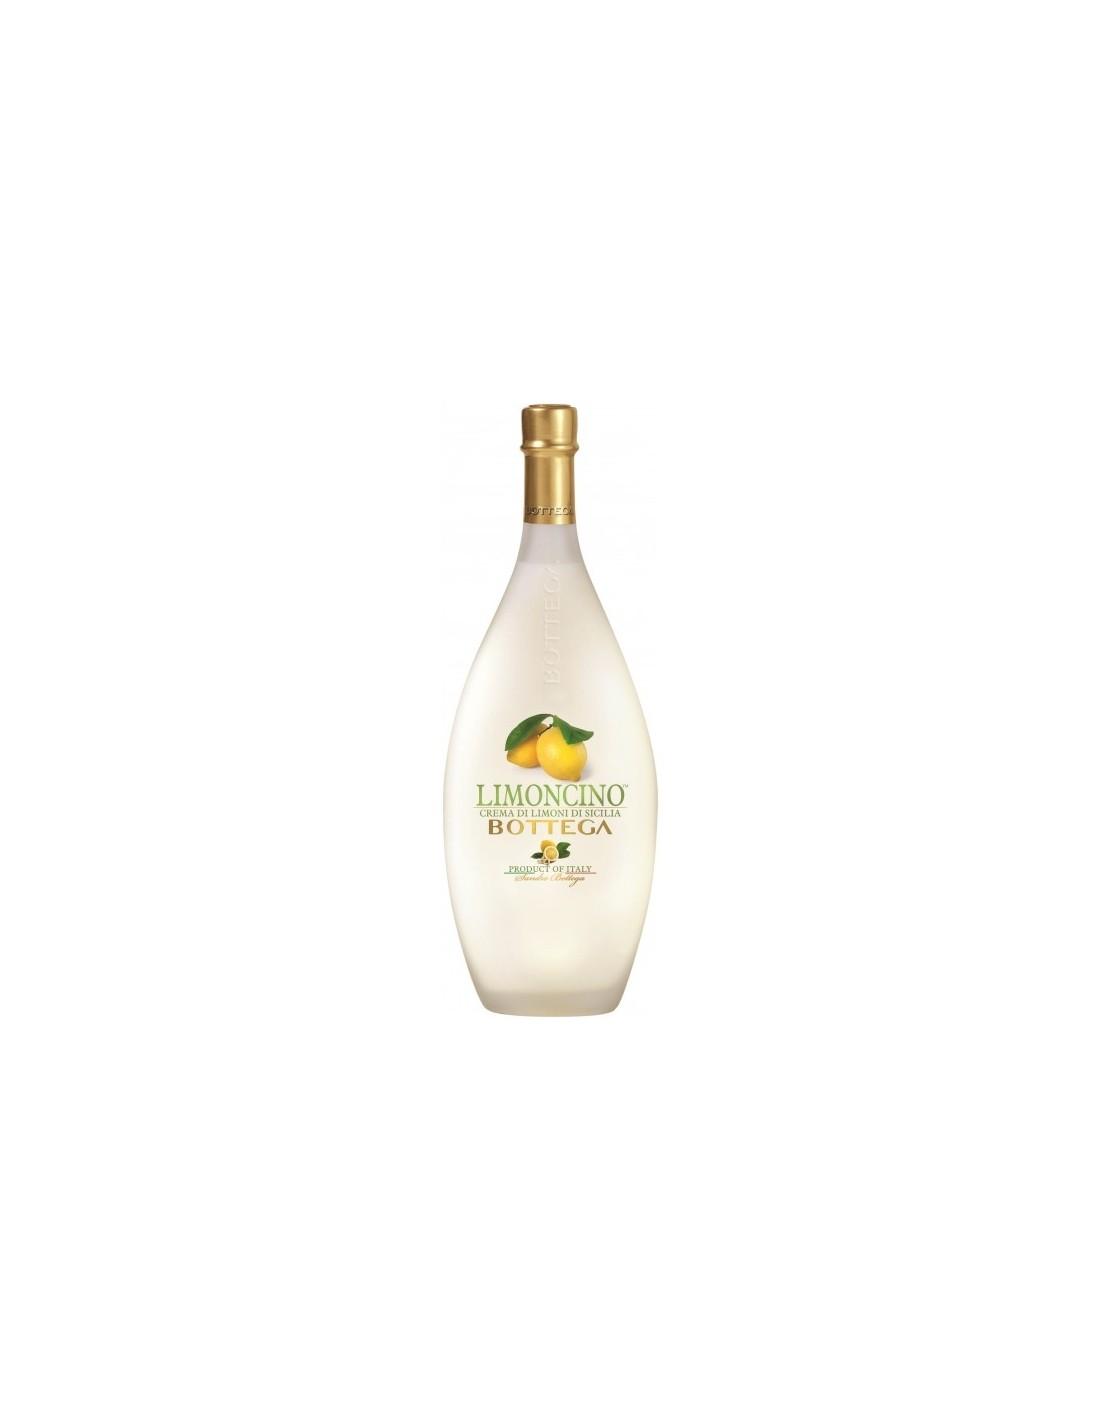 Lichior Limoncino Bottega Crema 0.5l Alc. 15%